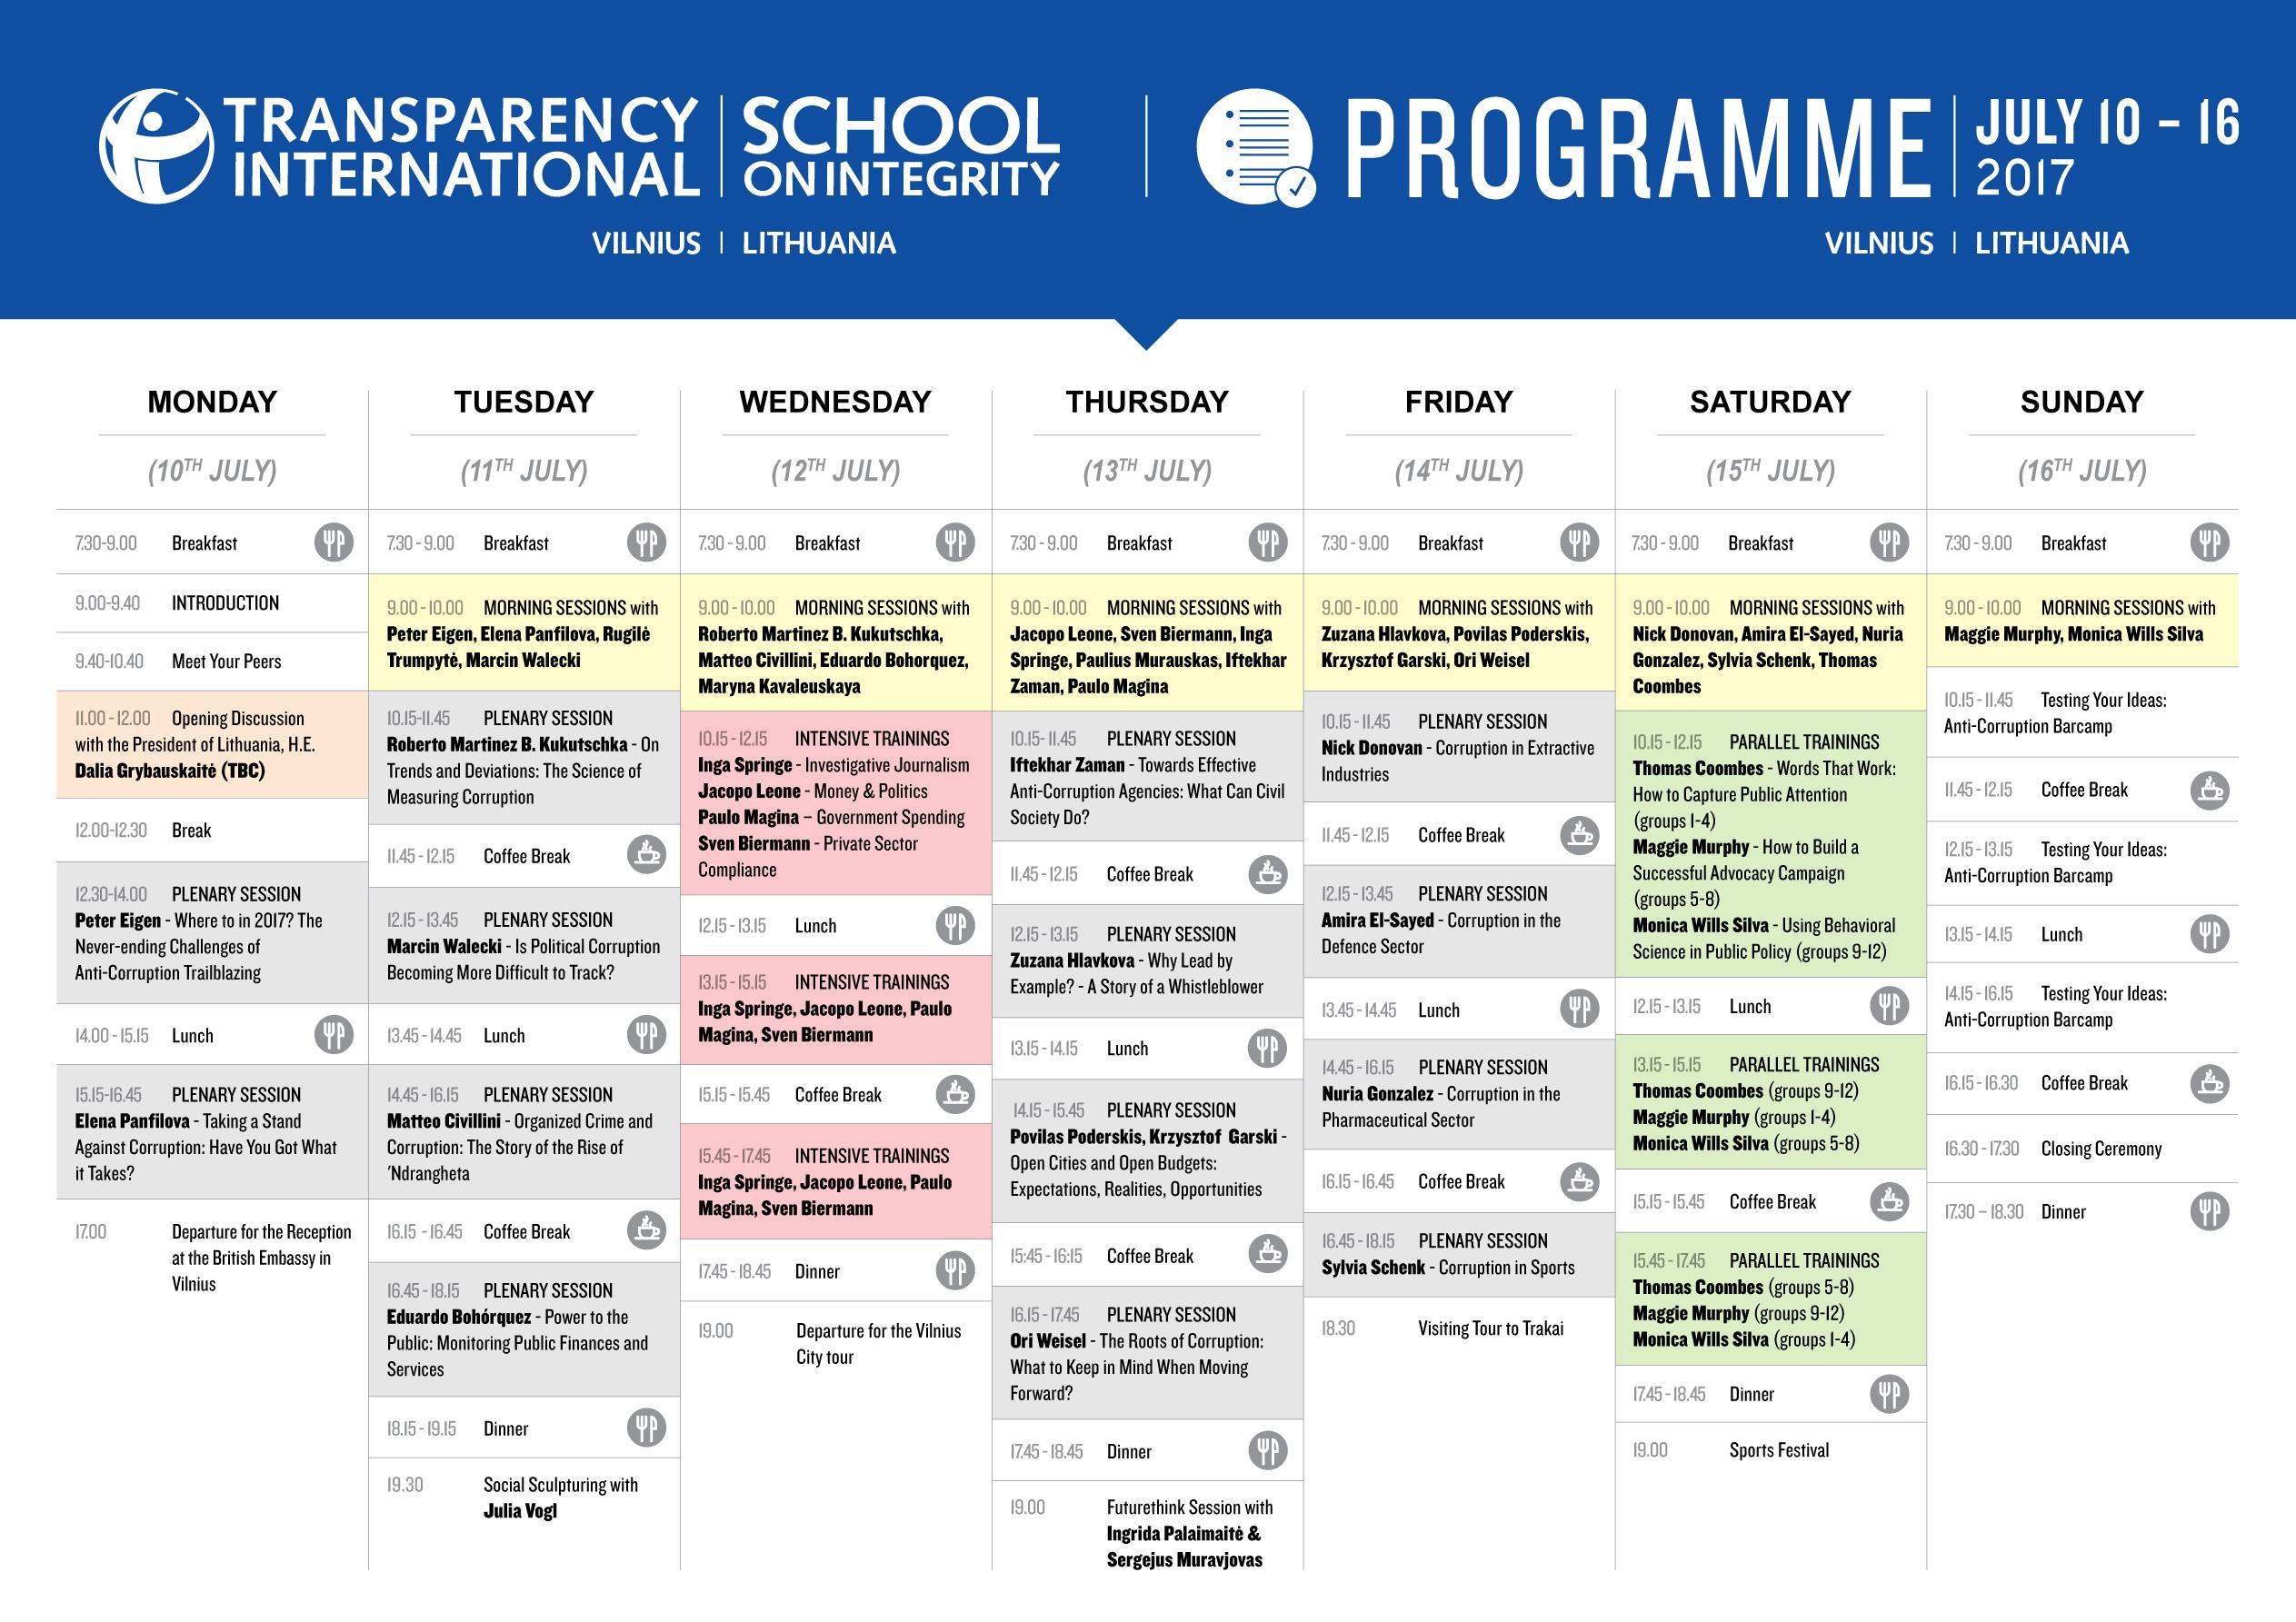 TISI_2017_Programme_20170707